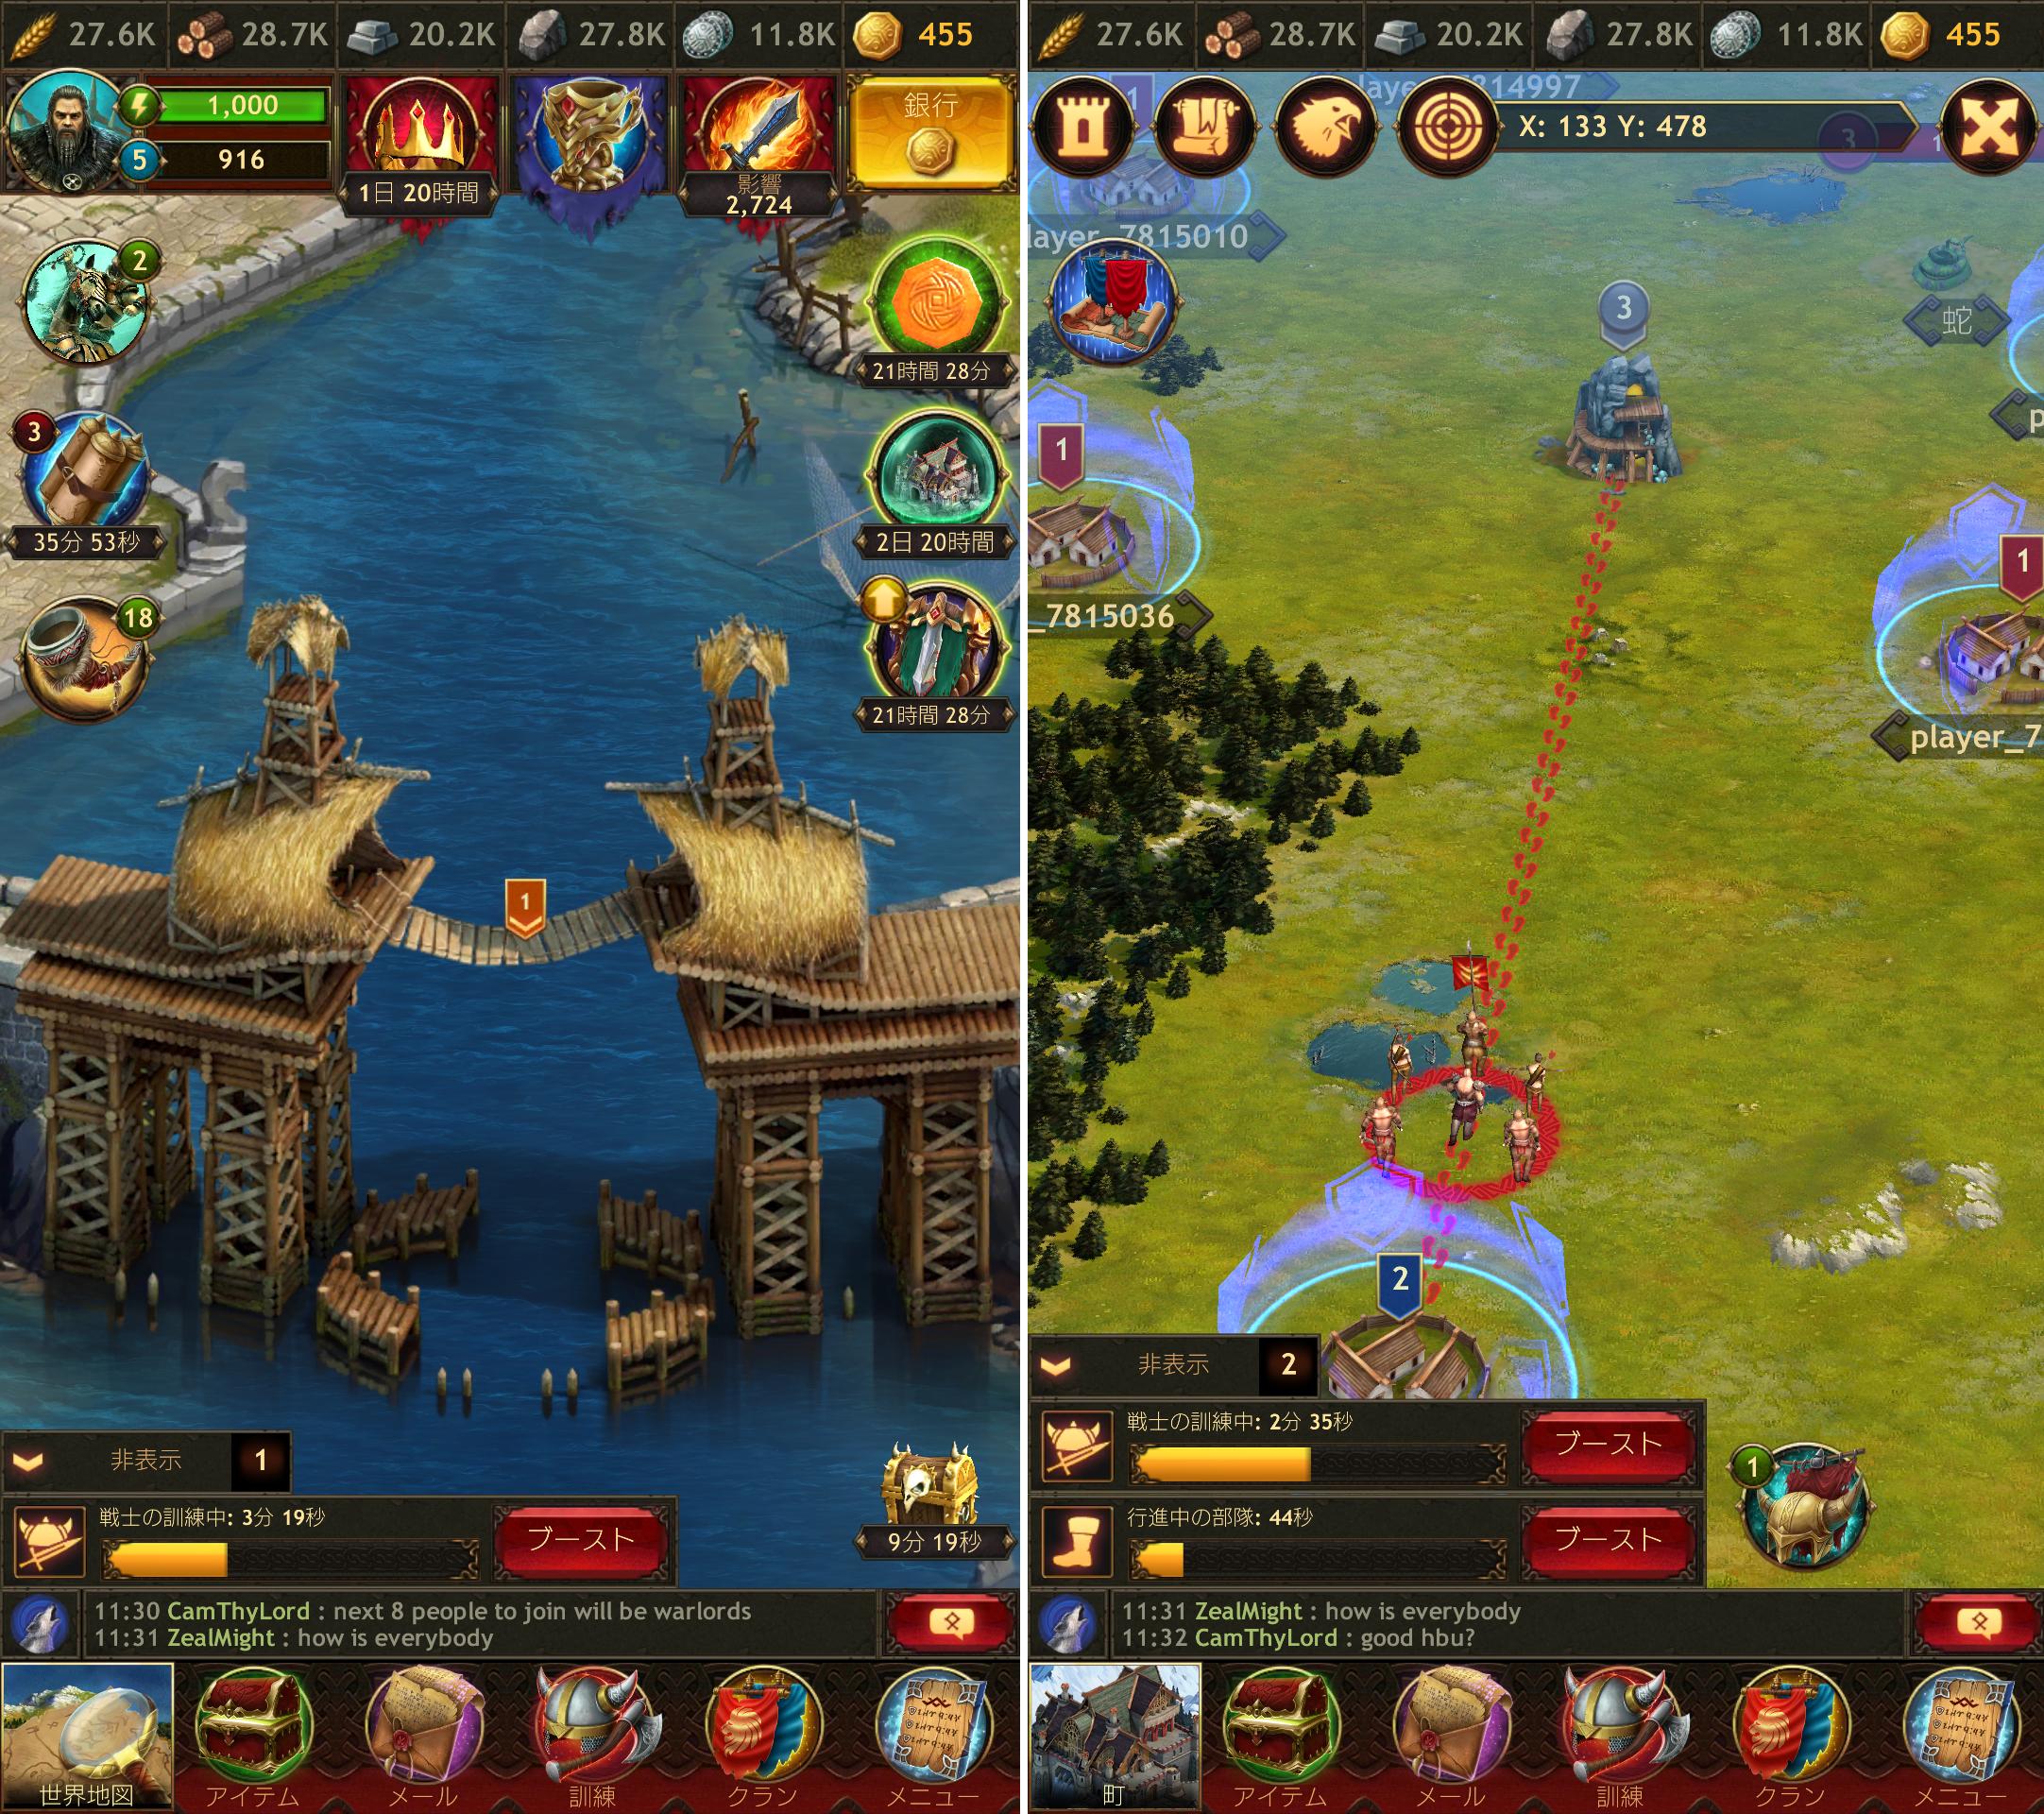 ヴァイキング:クランの戦争 androidアプリスクリーンショット3